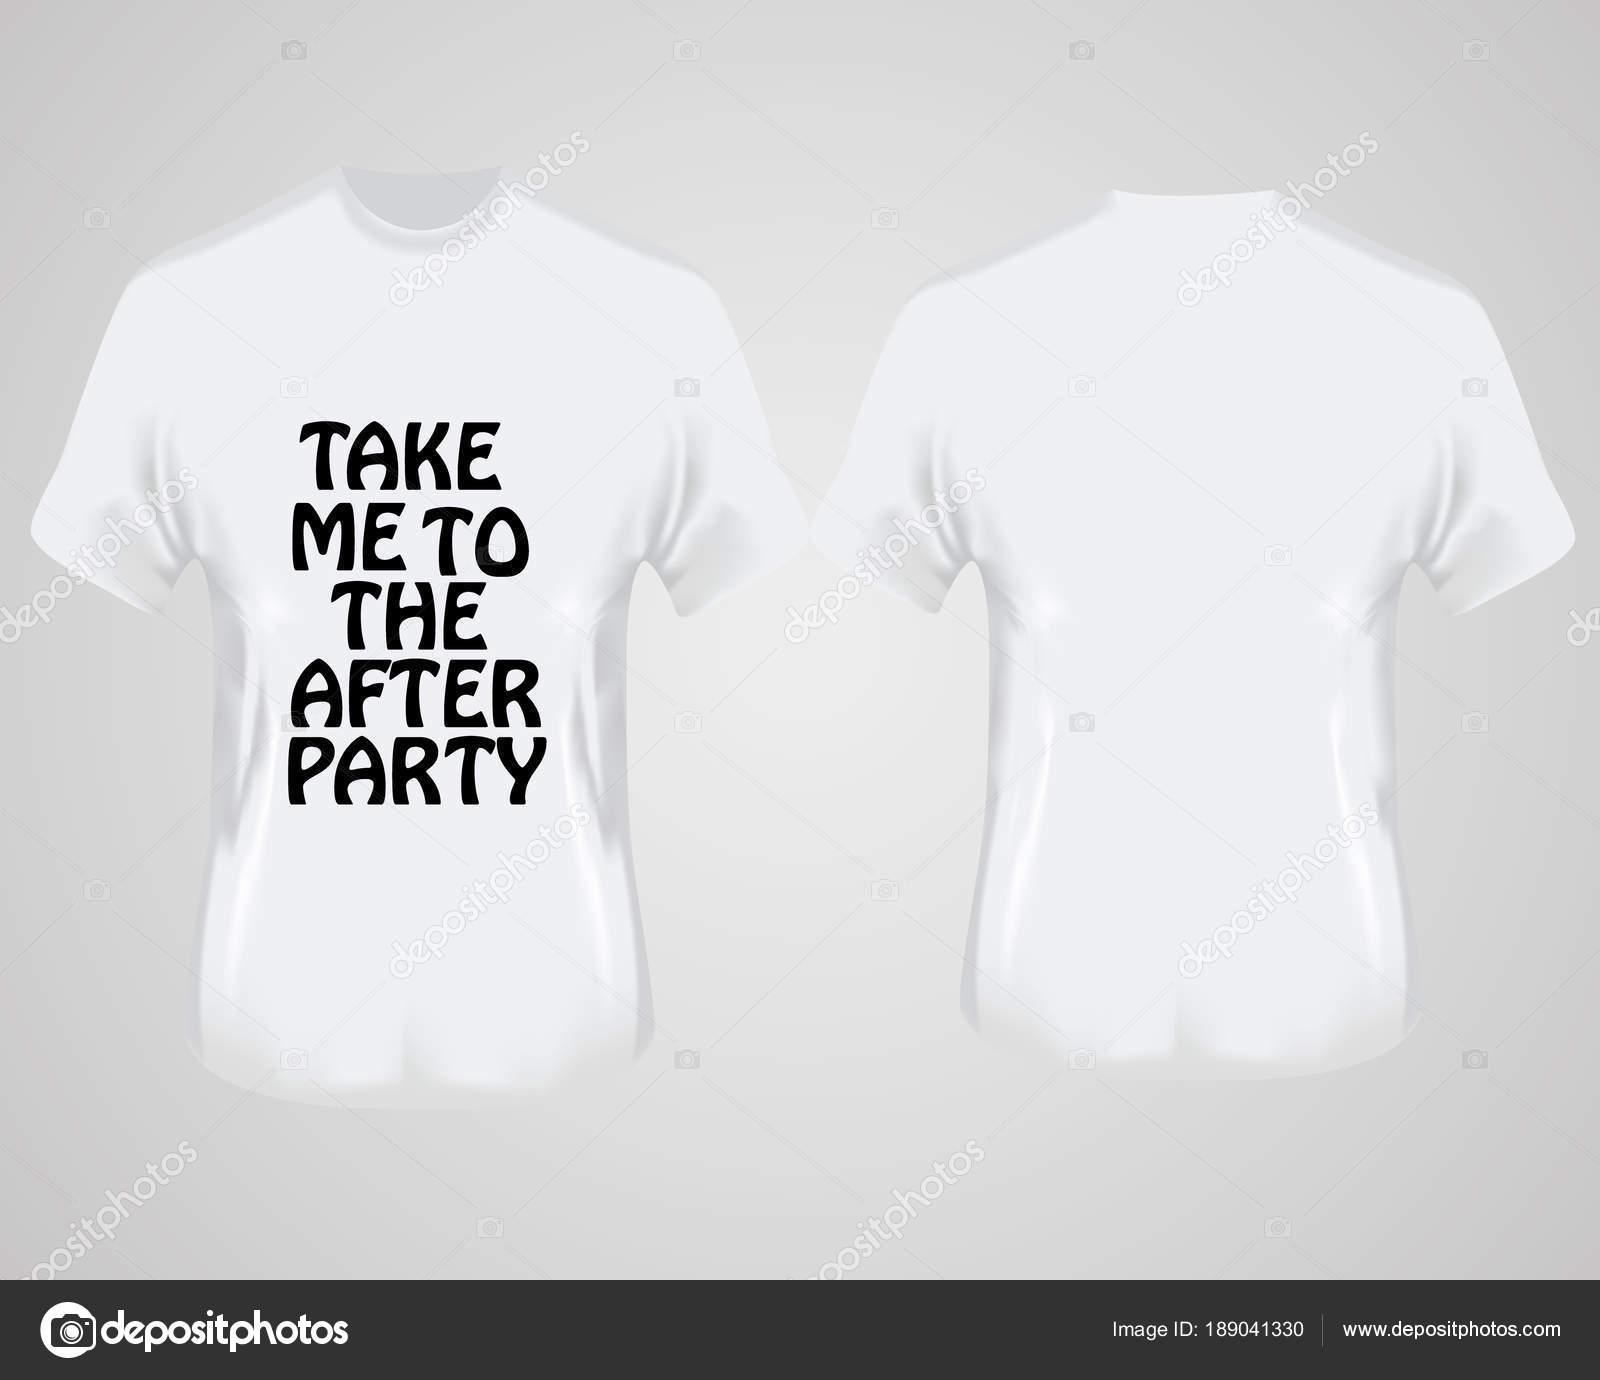 EspaldaCamiseta Con Blancas Frente Camisetas Y Sobre Gris Fondo XZOPkiTu